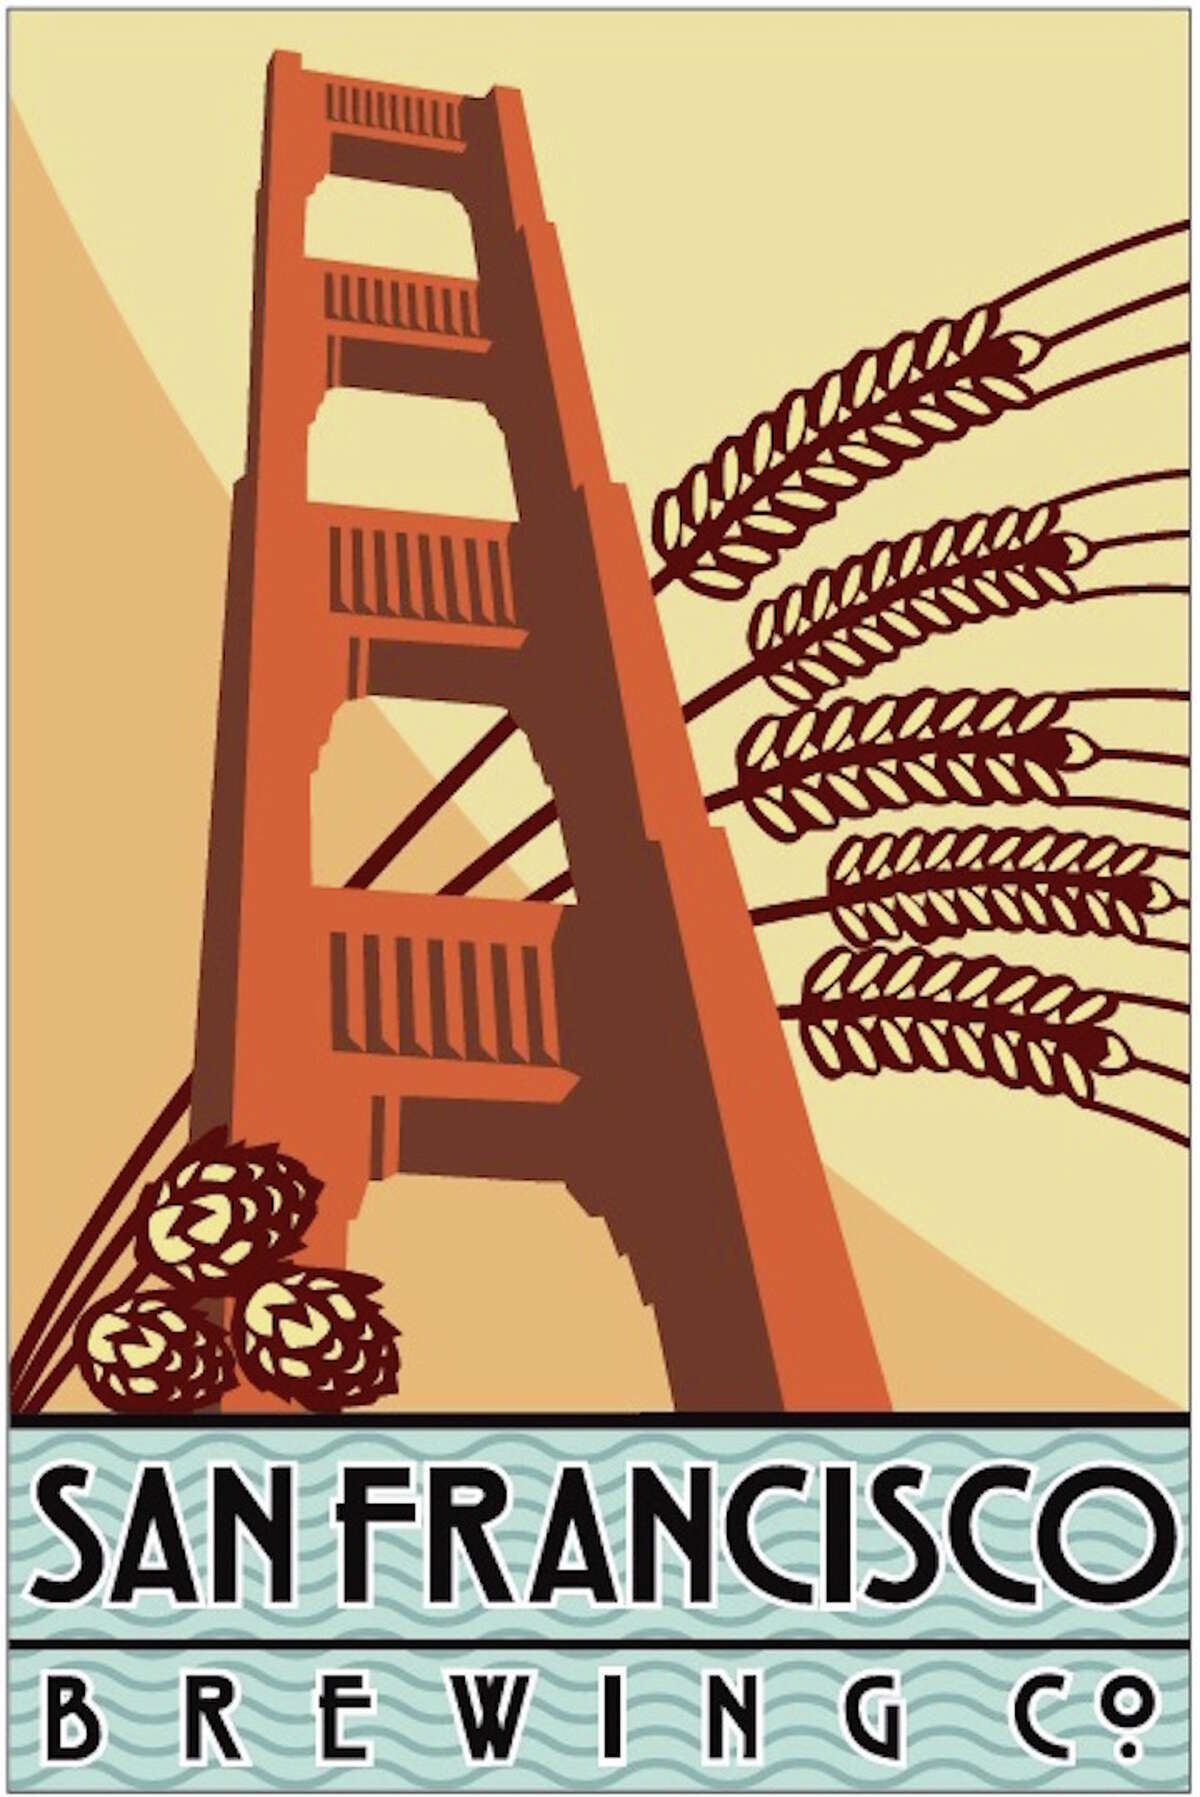 San Francisco Brewing Co. logo. Photo via Facebook